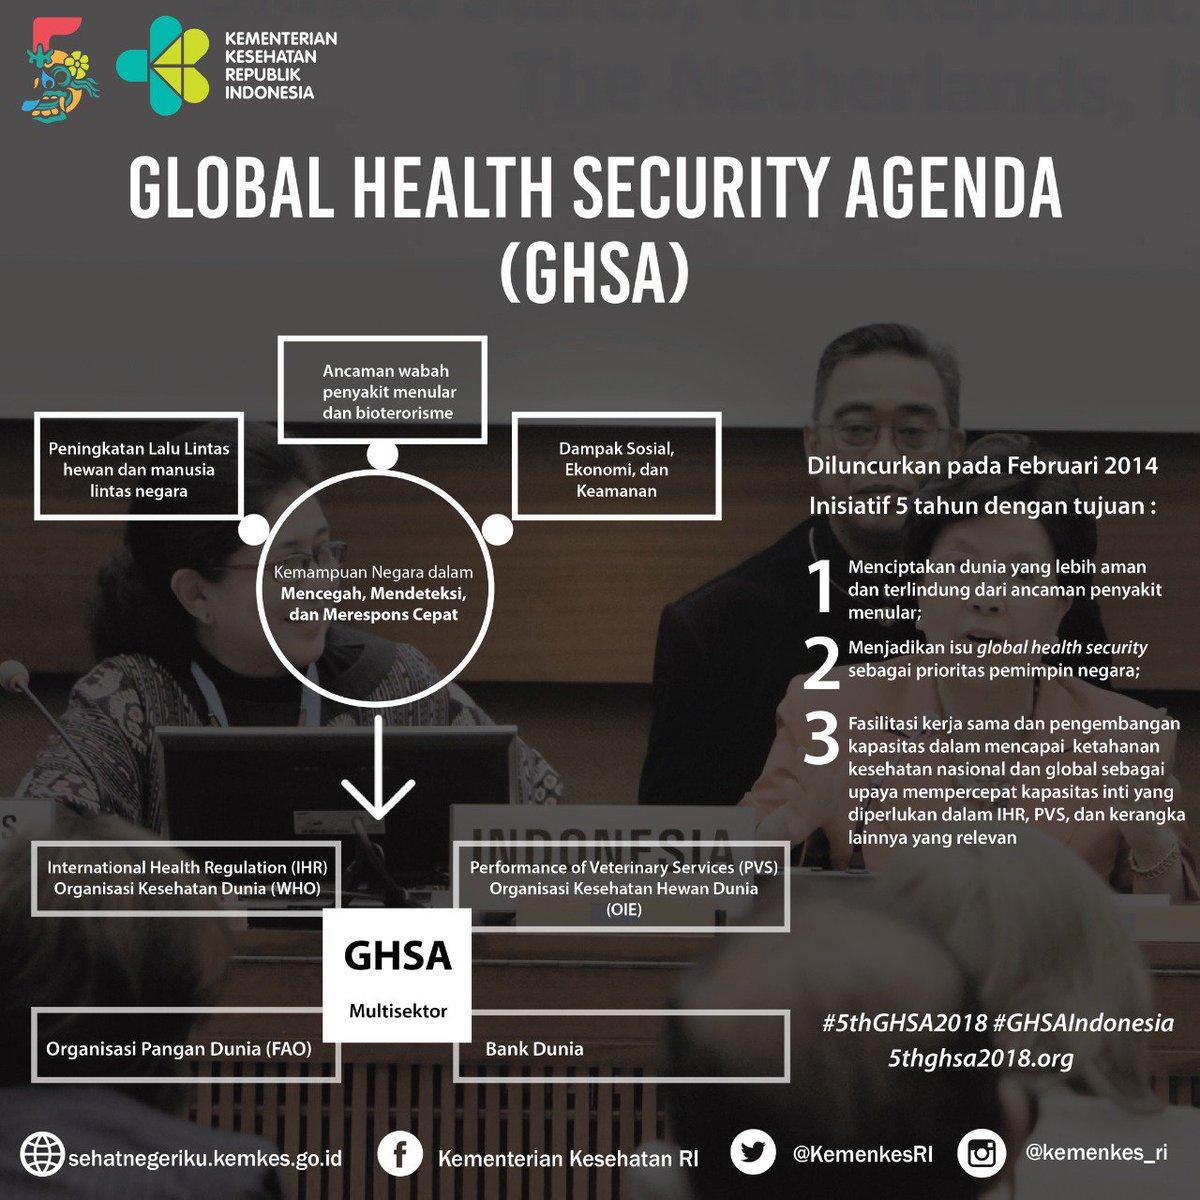 Lipi On Twitter Indonesia Membawa Pendekatan One Health Dalam 5thghsa2018 Ghsaindonesia Artinya Kesehatan Tidak Hanya Ditujukan Kepada Manusia Namun Juga Hewan Yg Berdampak Kepada Manusia Secara Langsung Dan Tidak Langsung Https T Co 0bjpzj1spj